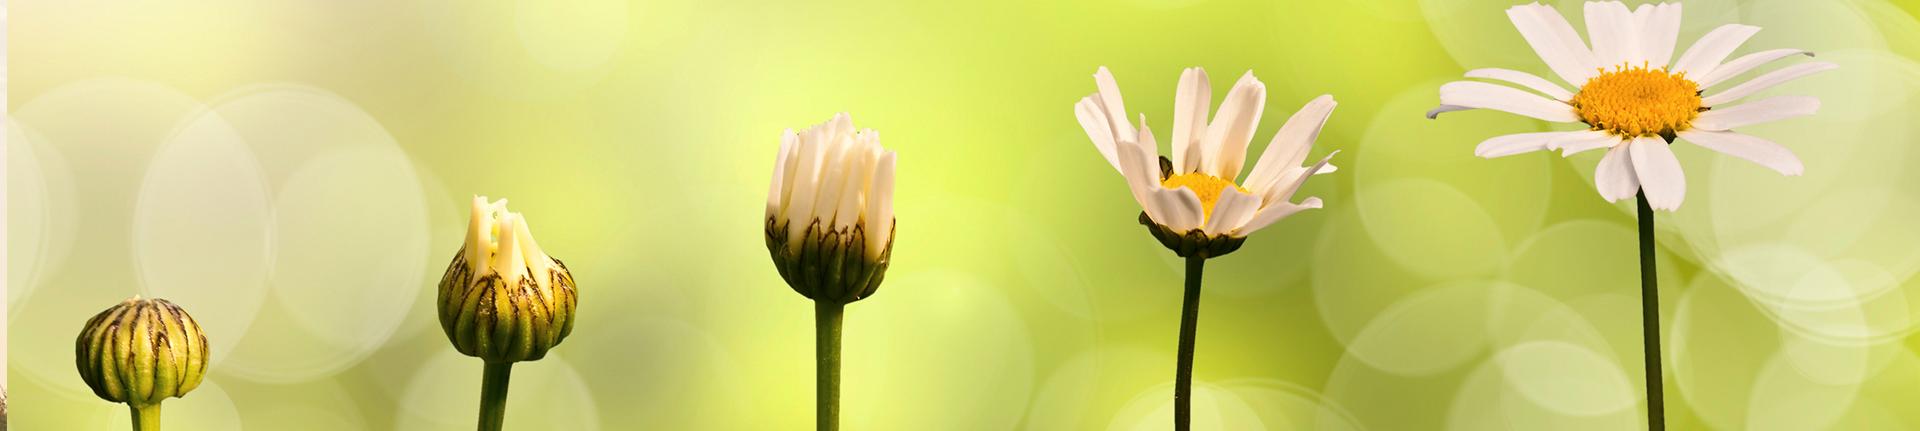 Teoria dos Setênios: o ritmo da natureza em nossa vida